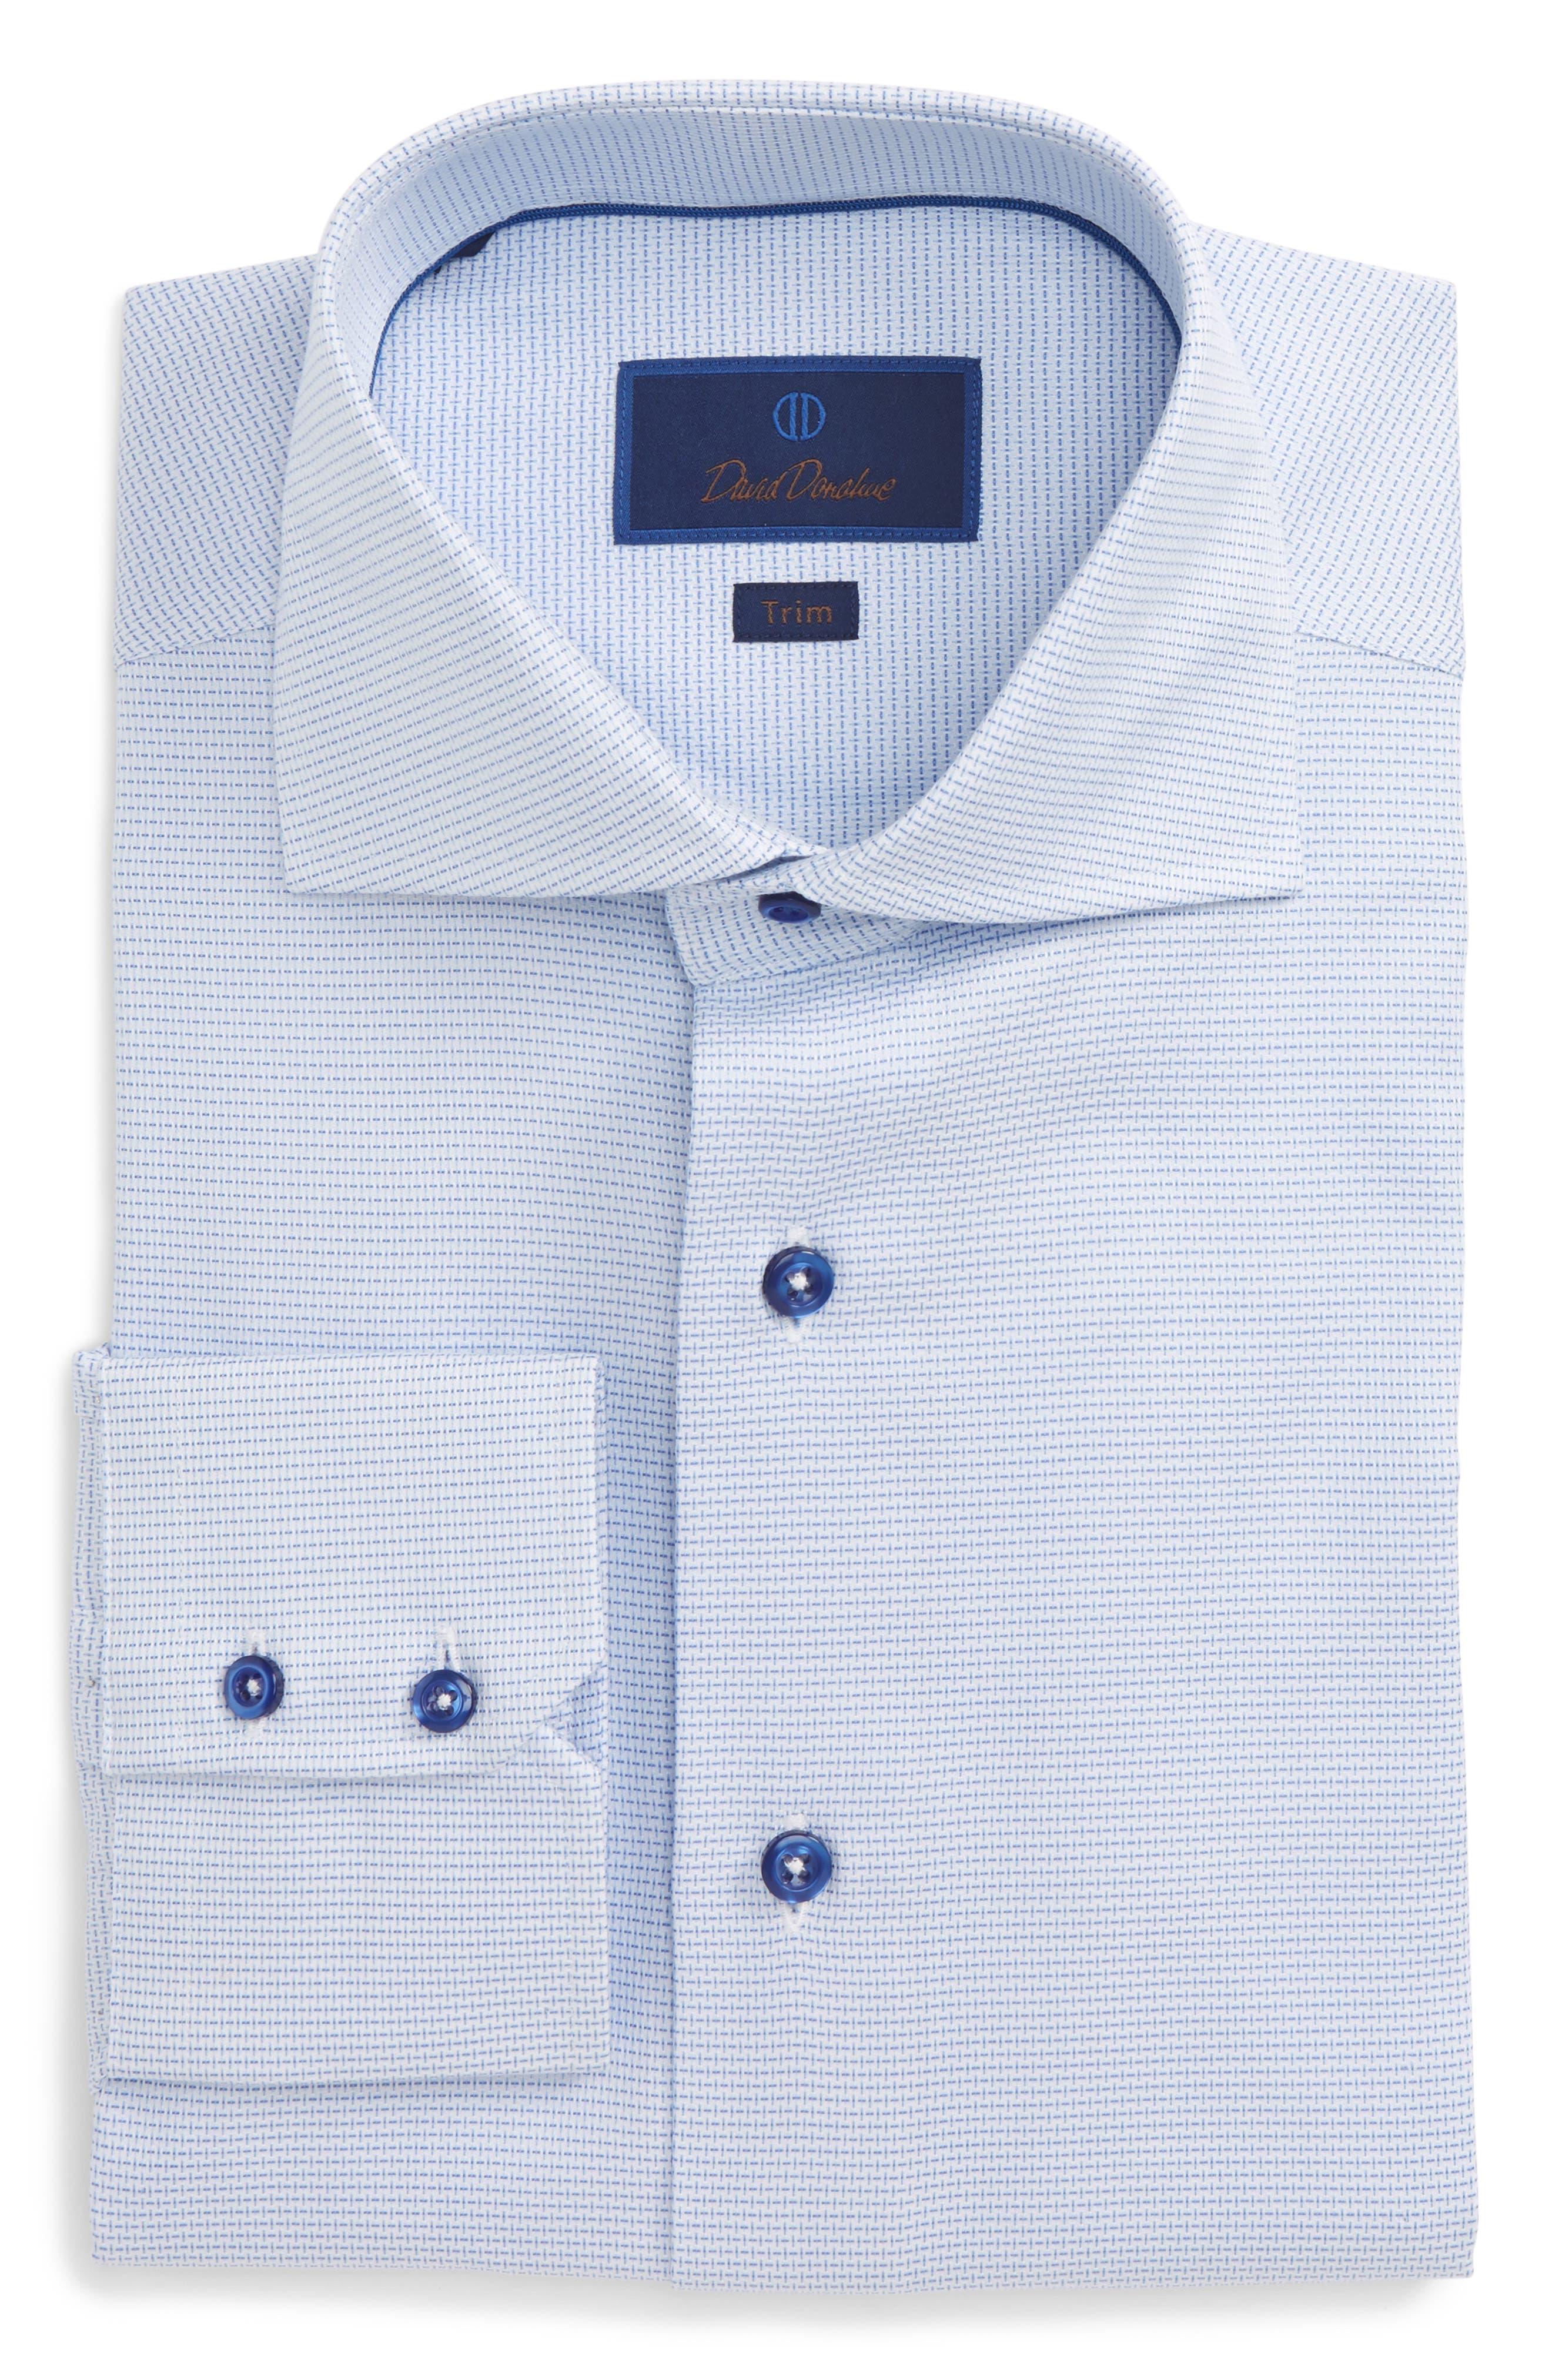 Trim Fit Solid Dress Shirt,                             Main thumbnail 1, color,                             423